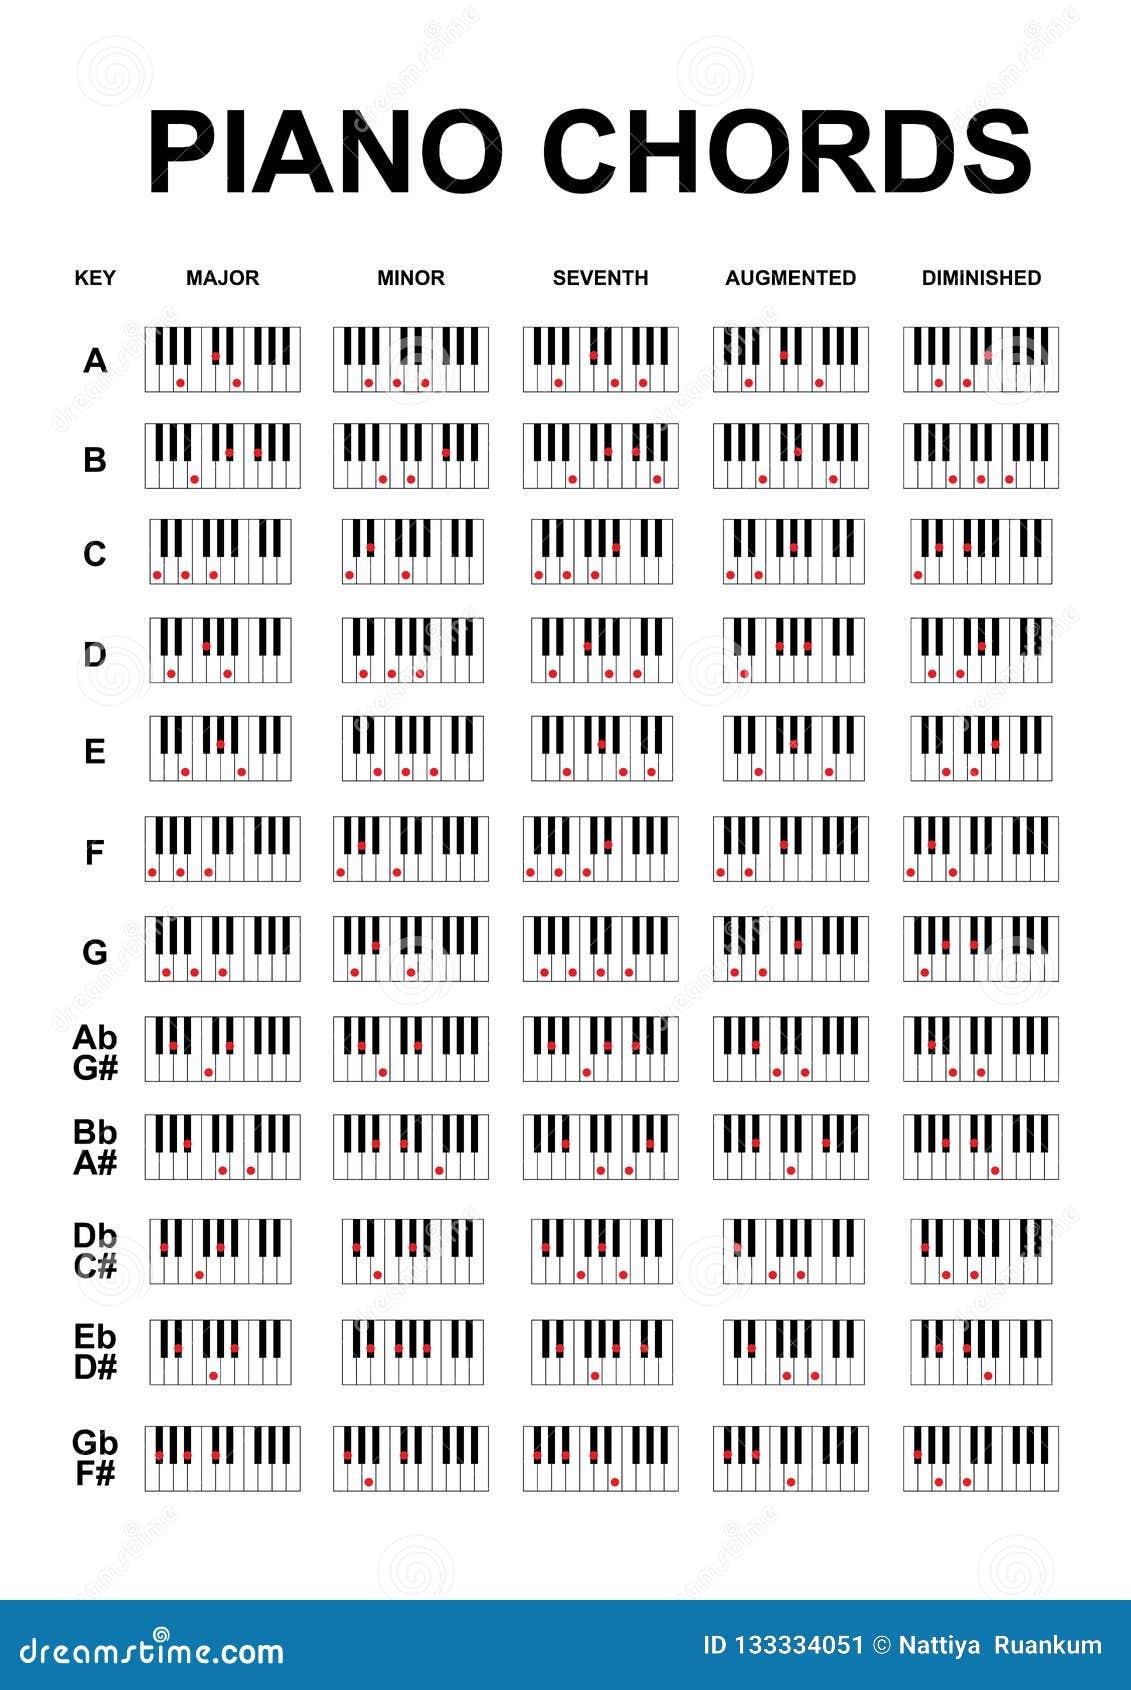 Acordes Del Piano O Carta De Las Notas Dominantes Del Piano En El Vector Blanco Del Fondo Ilustración Del Vector Ilustración De Conjunto Hoja 133334051